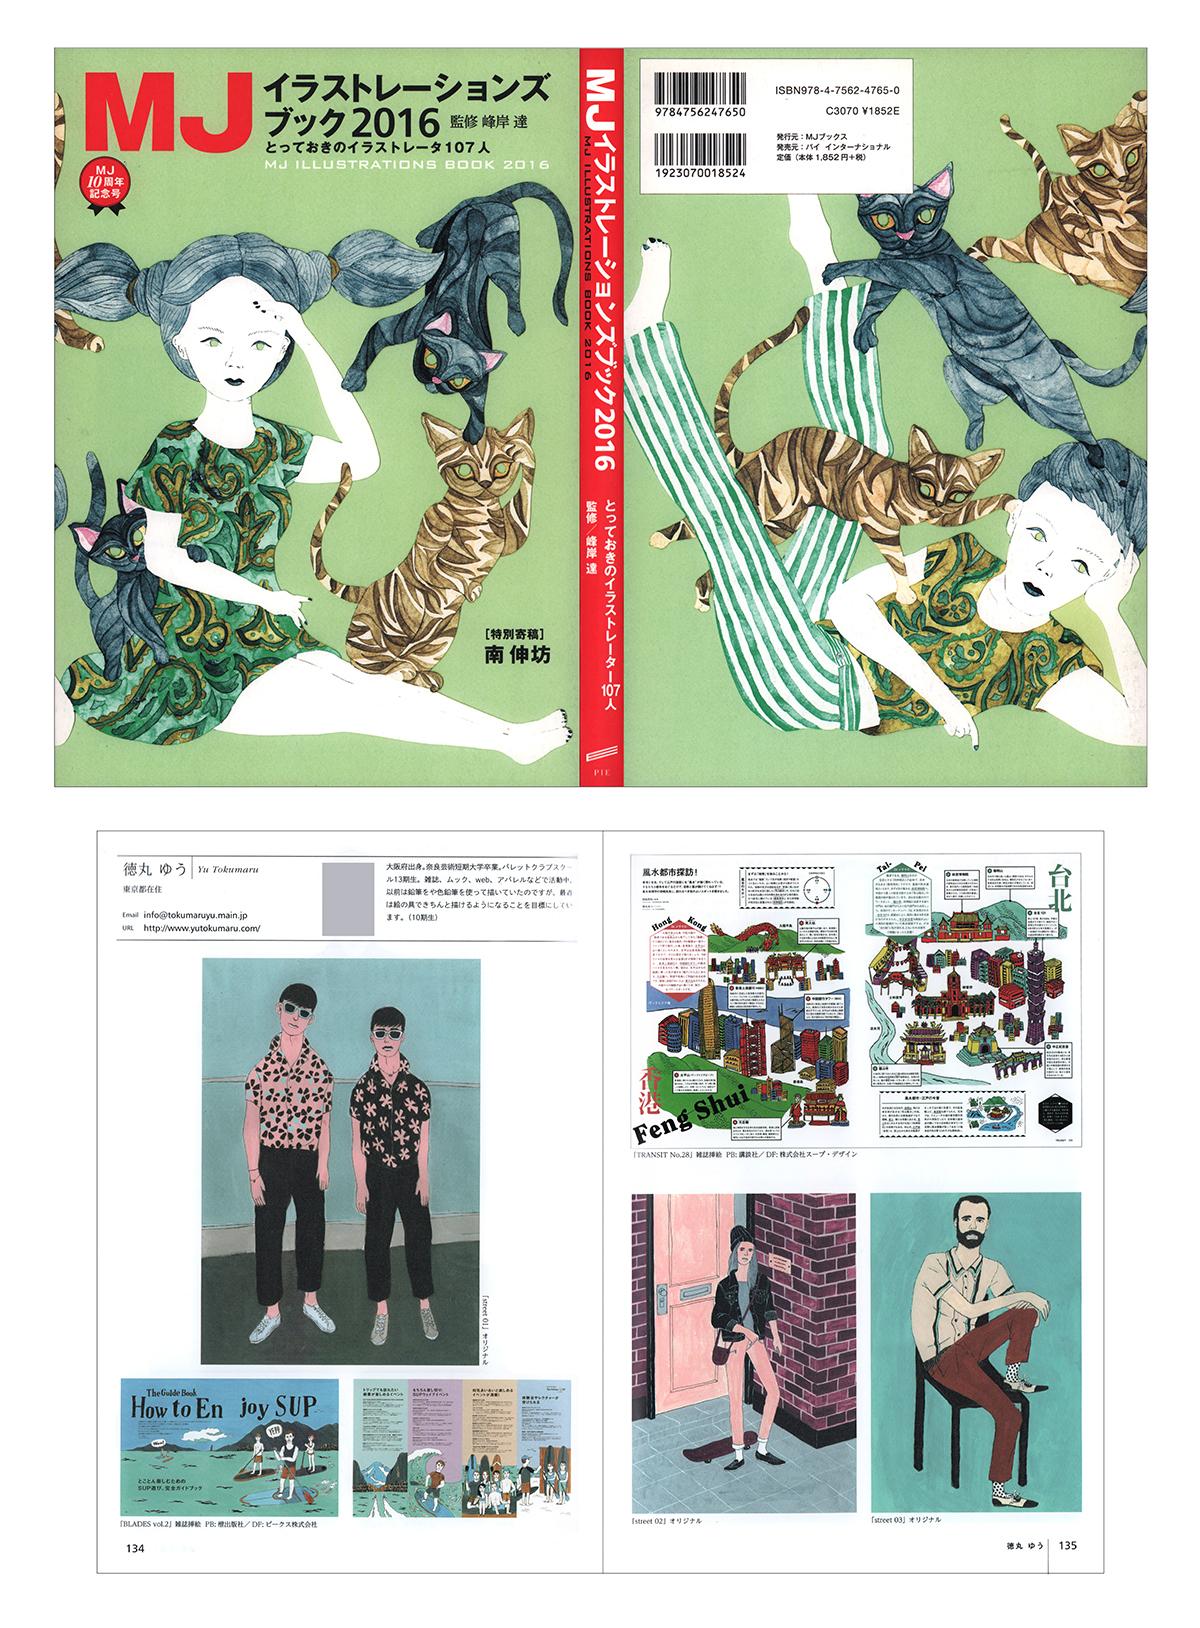 MJイラストレーションズブック2016